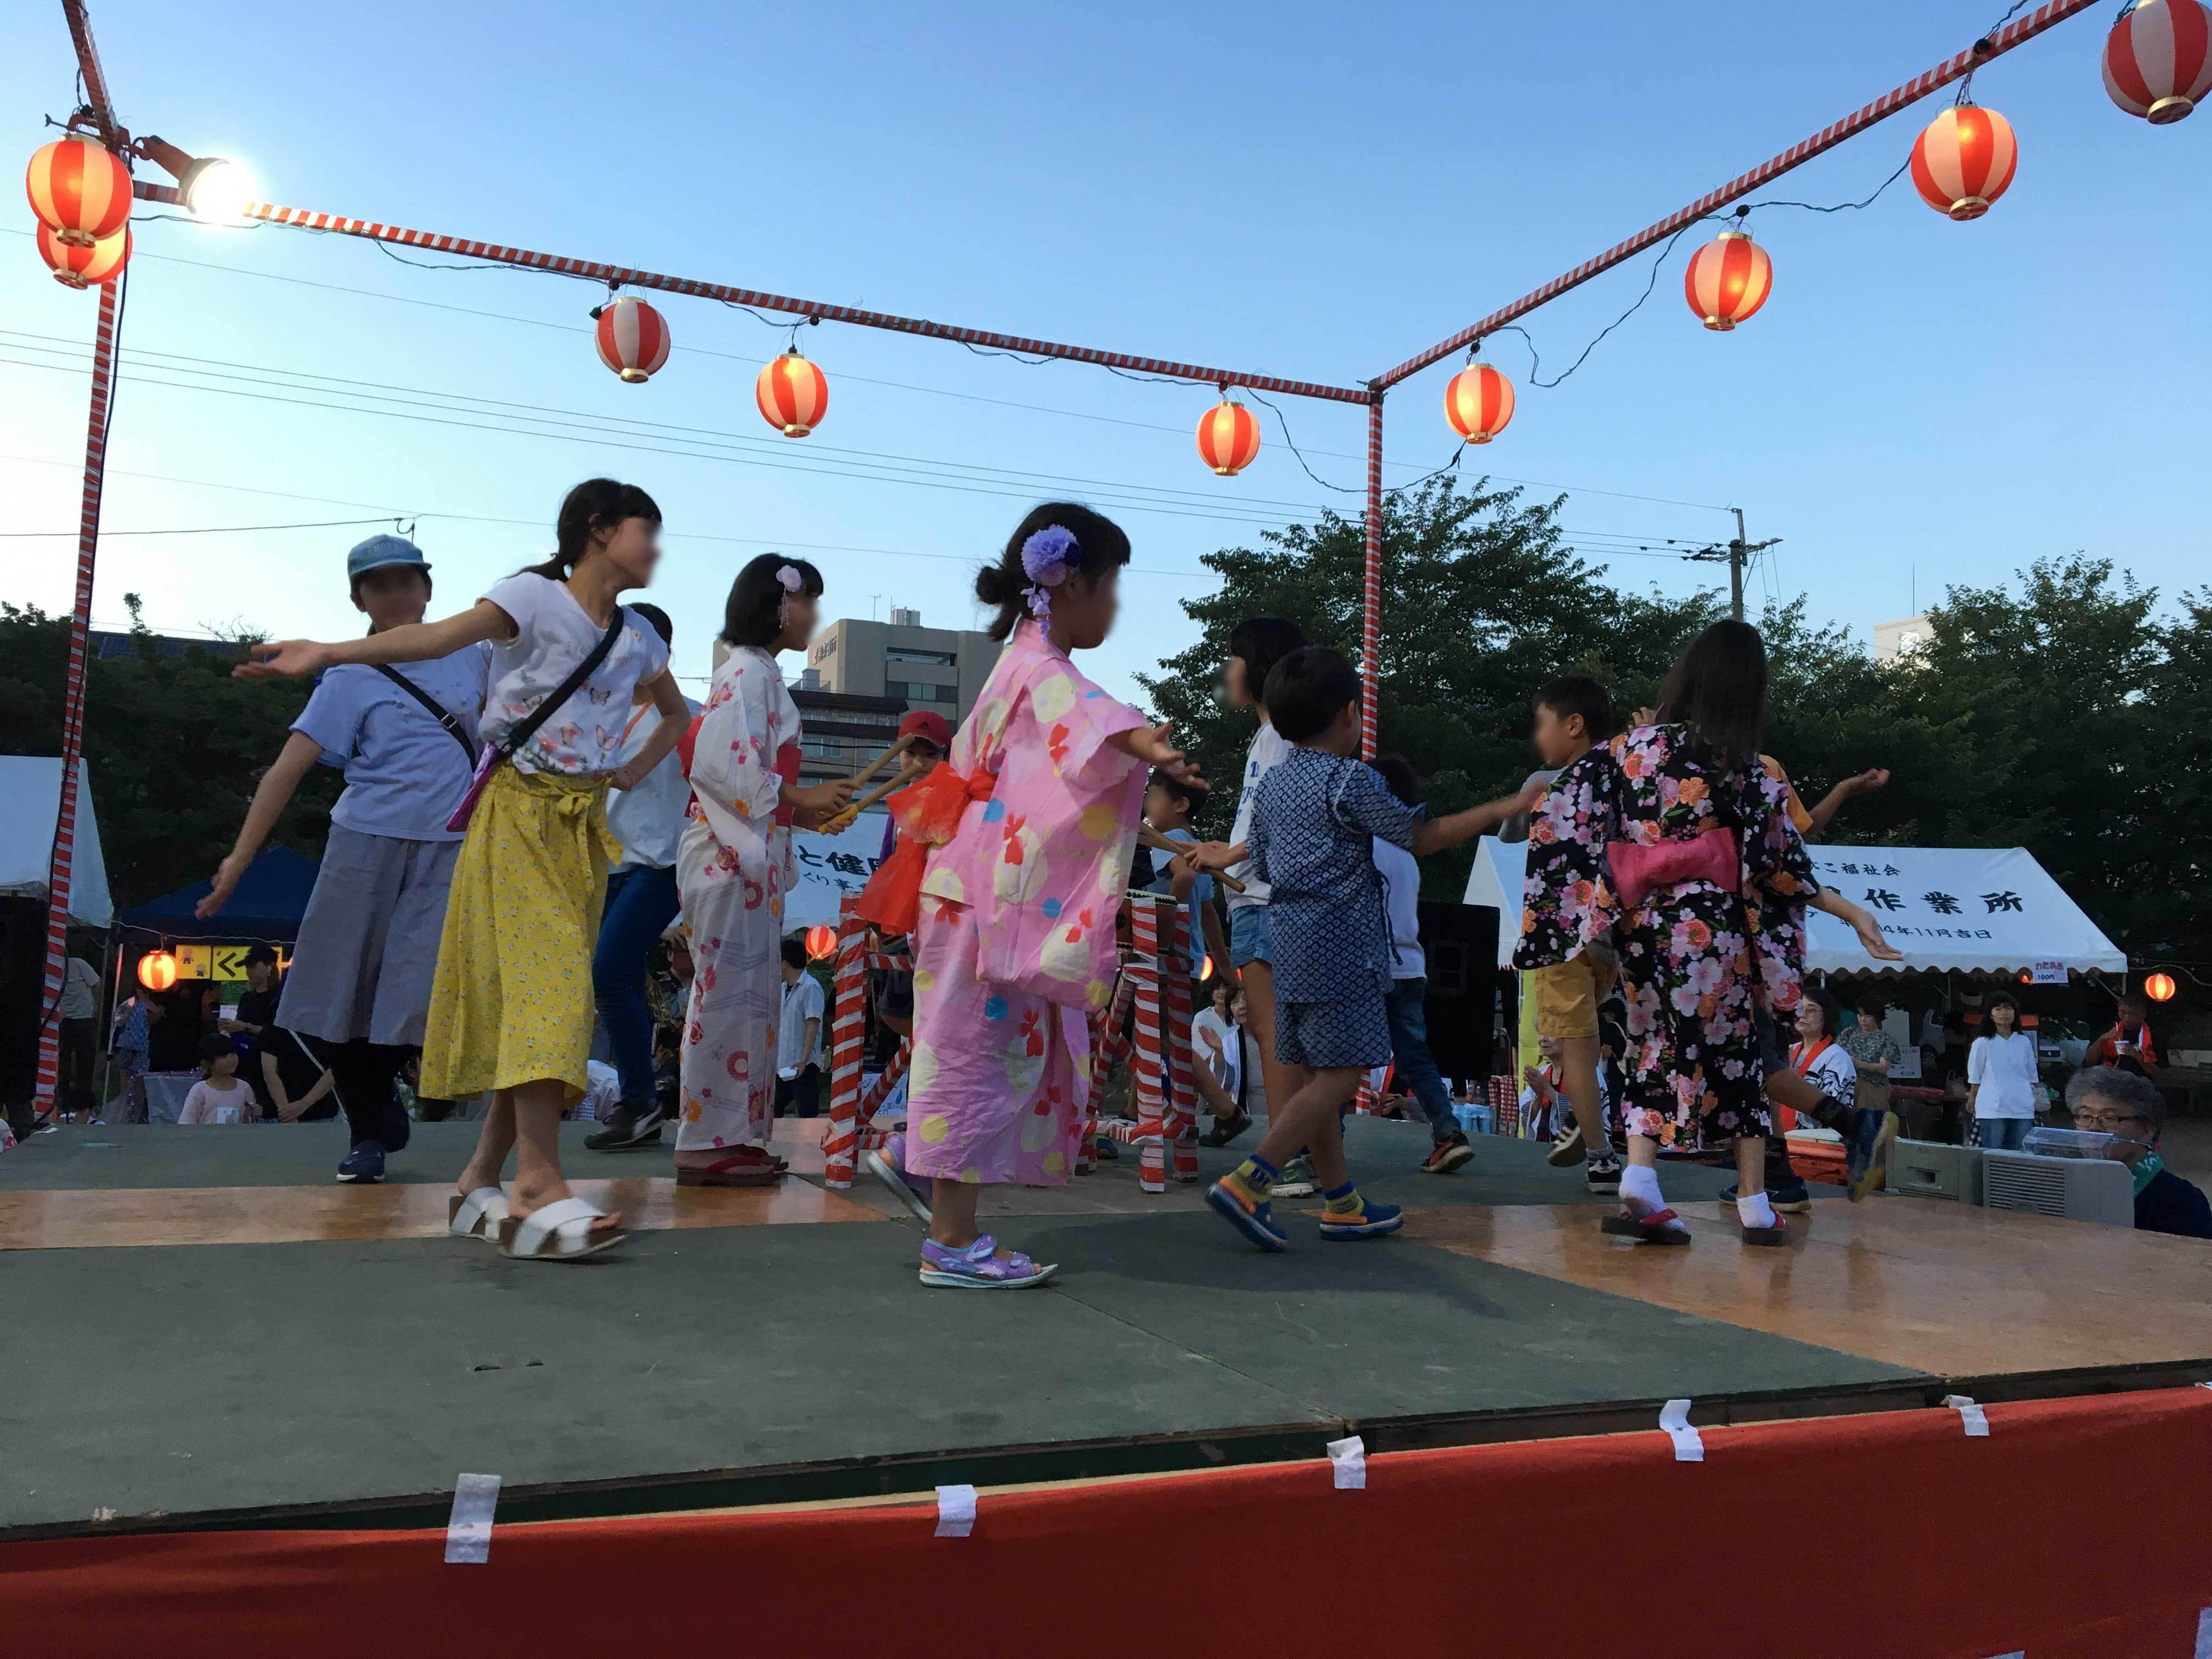 子どもたちの踊りkz